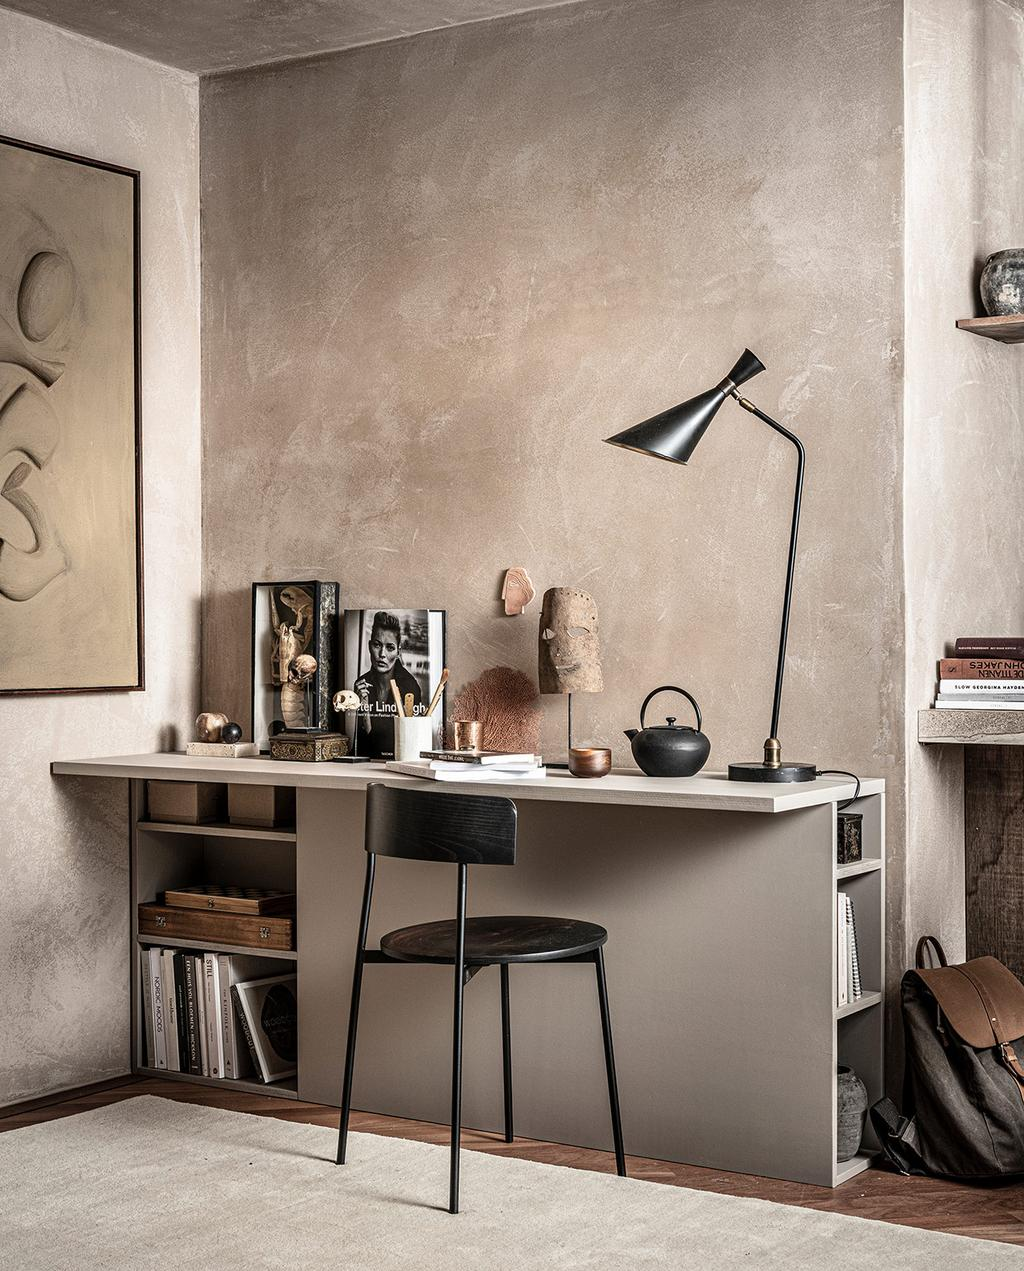 vtwonen 02-2021 | DIY bureau met groot abstract kunstwerk